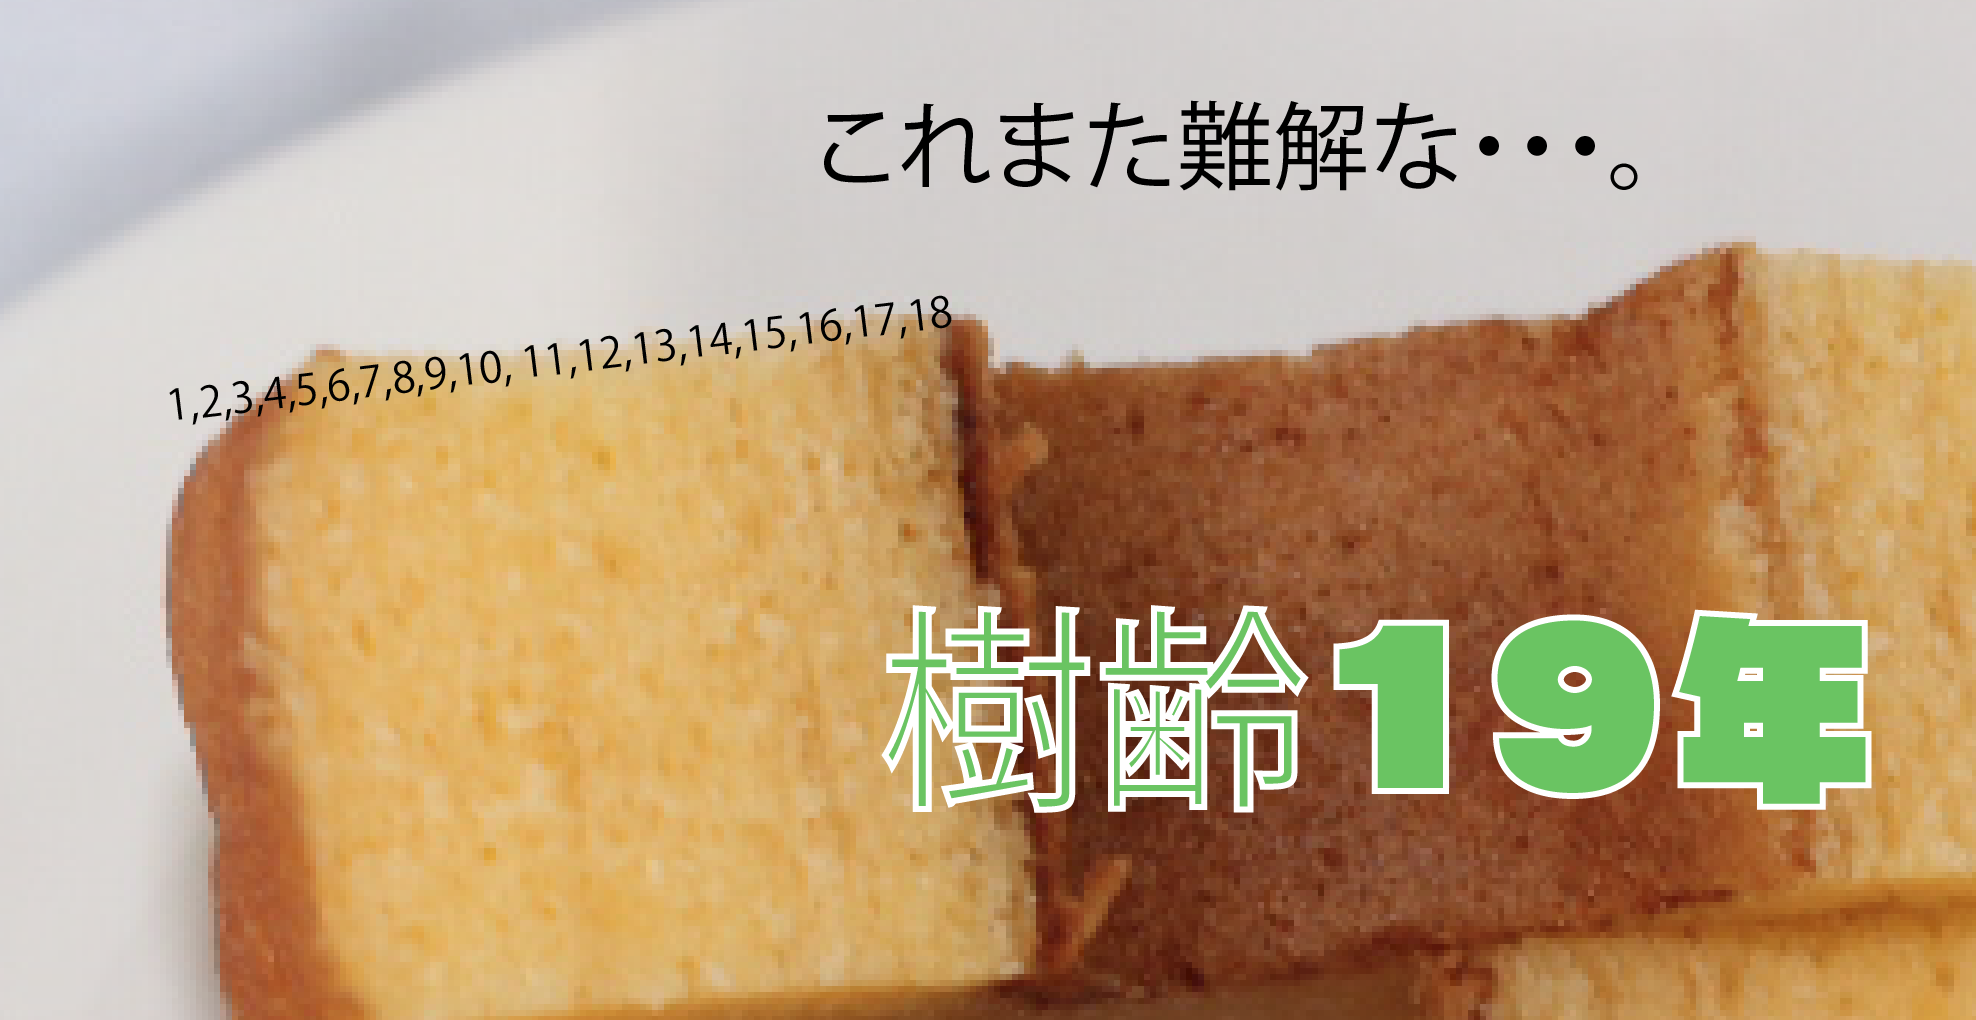 スクリーンショット 2015-11-19 16.50.56